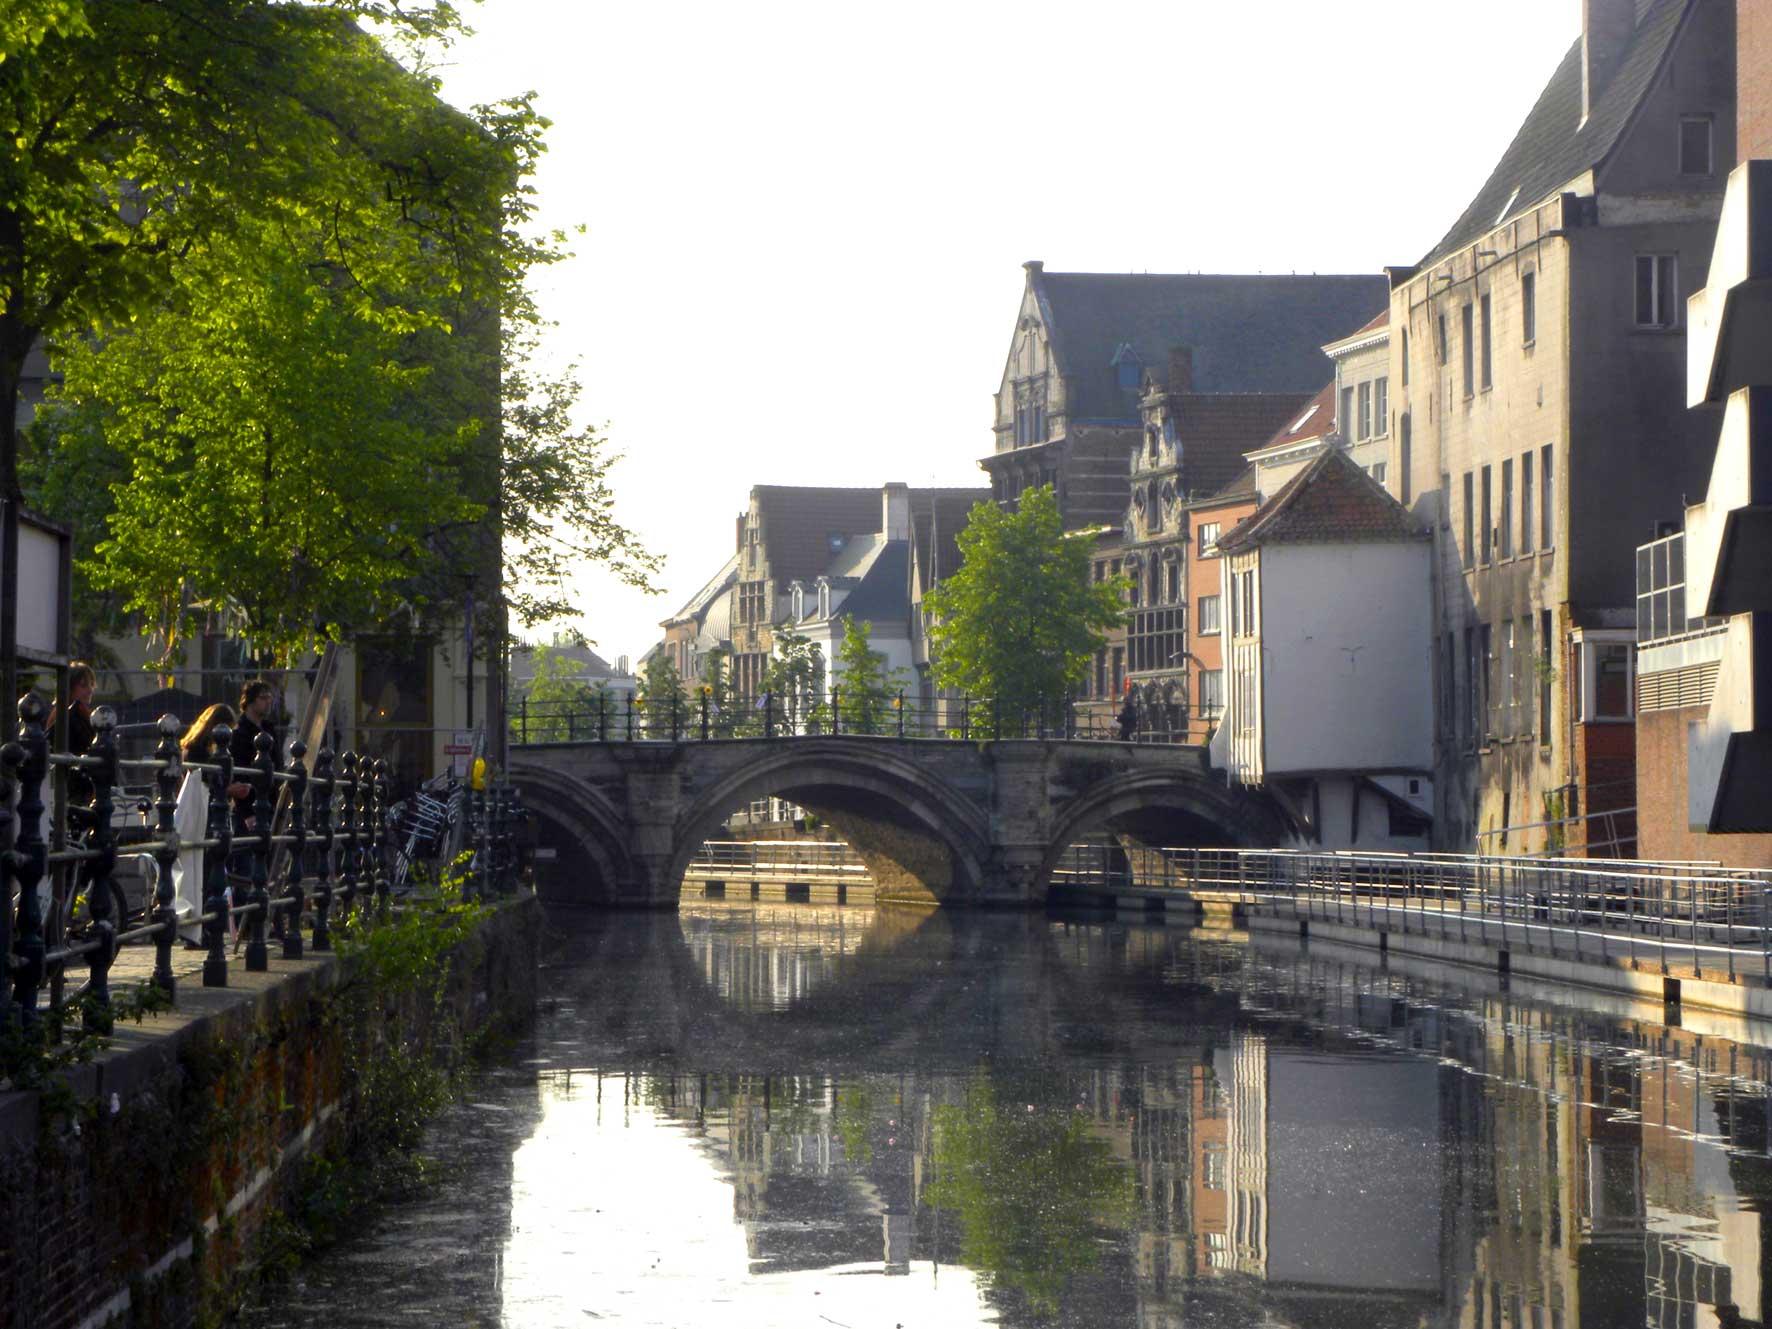 Rondvaart op de Binnendijle in Mechelen - Hoogbrug